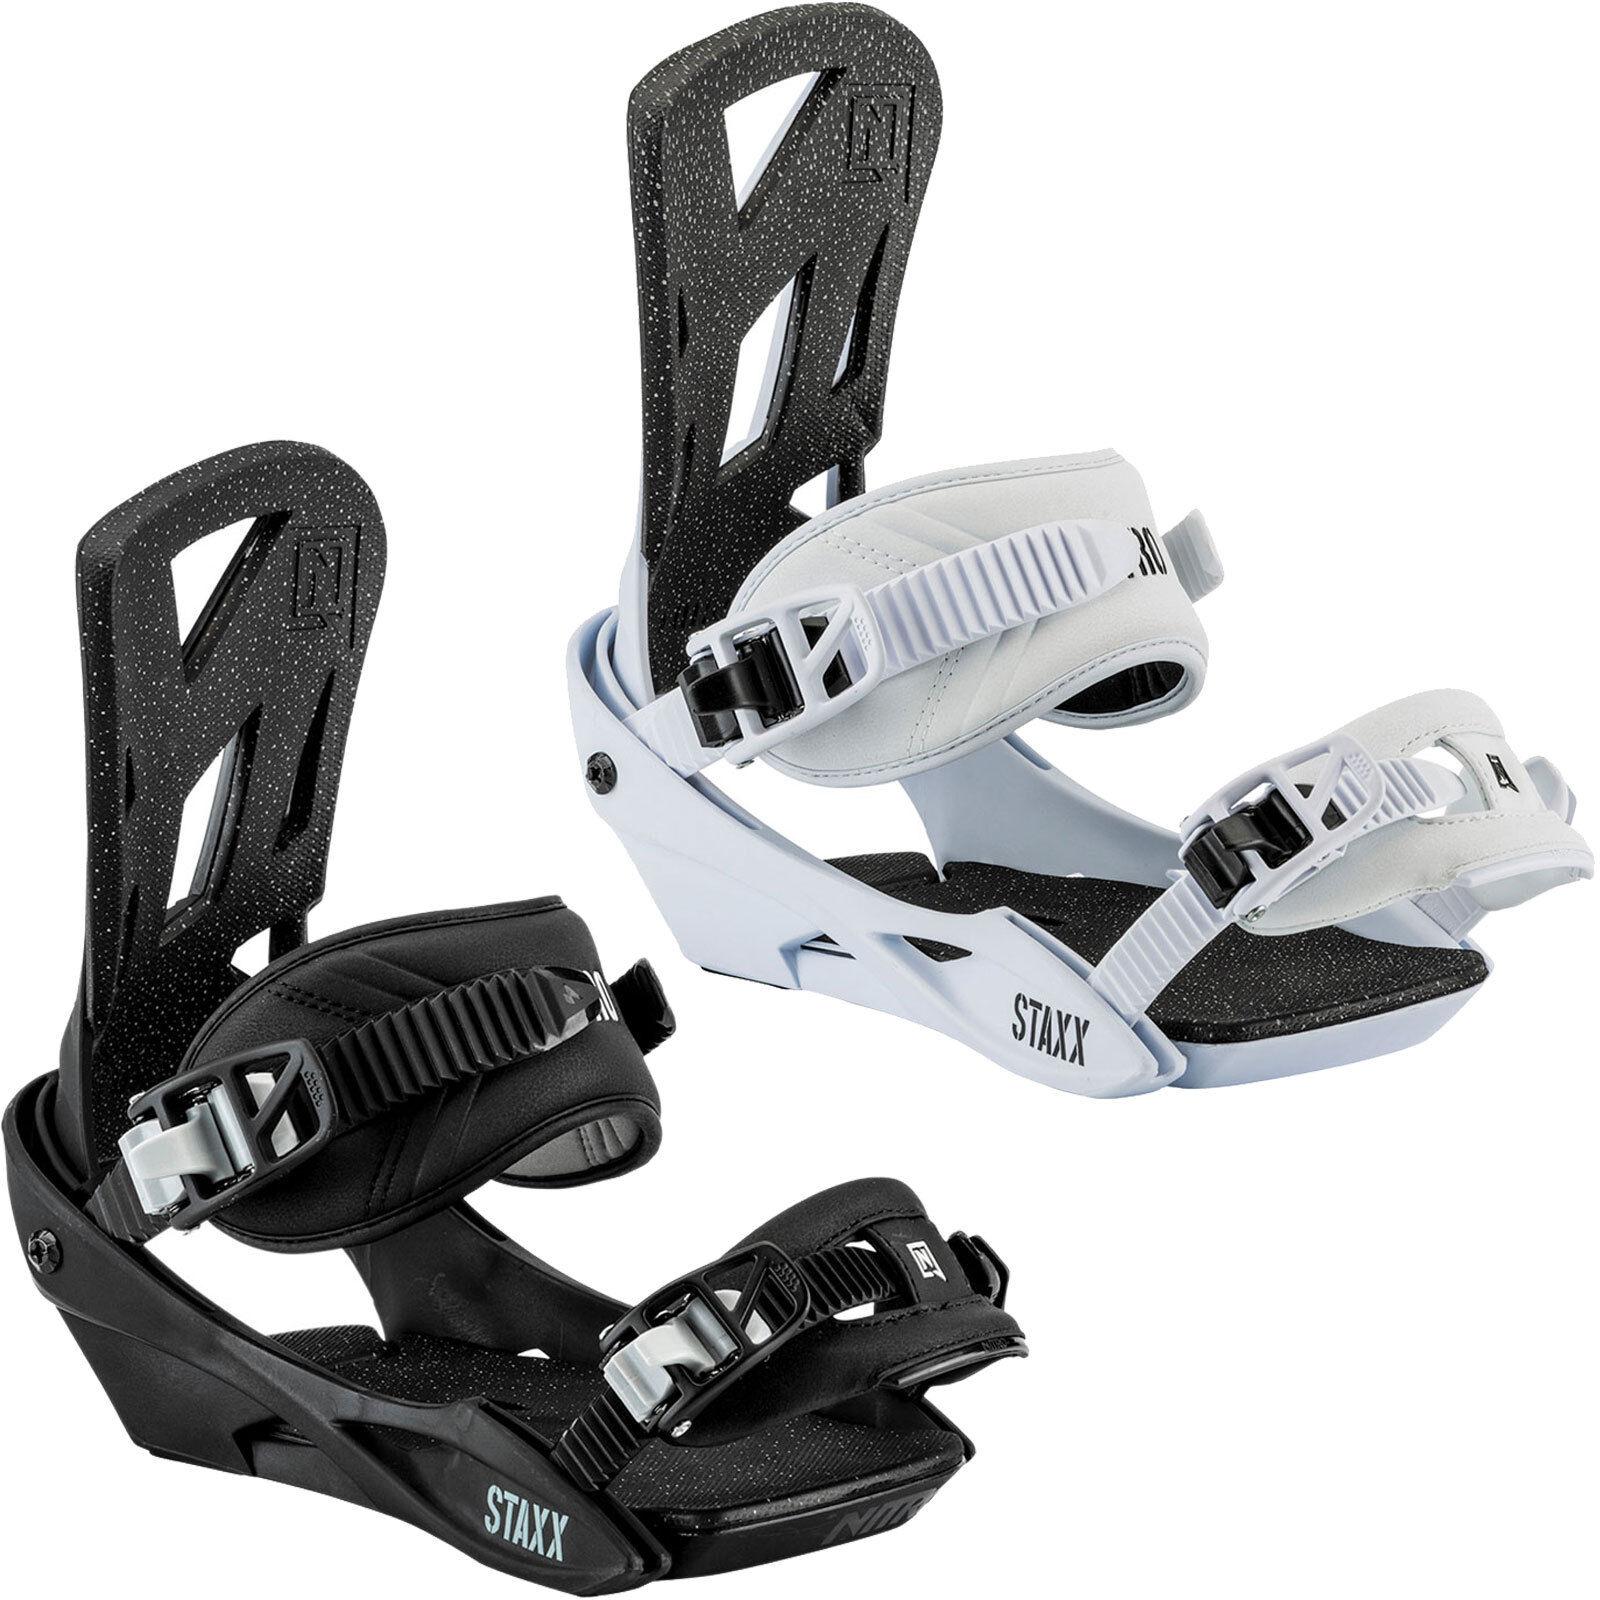 Nitro Staxx Men's Snowboarding all Mountain Freestyle Snowboard Binding New